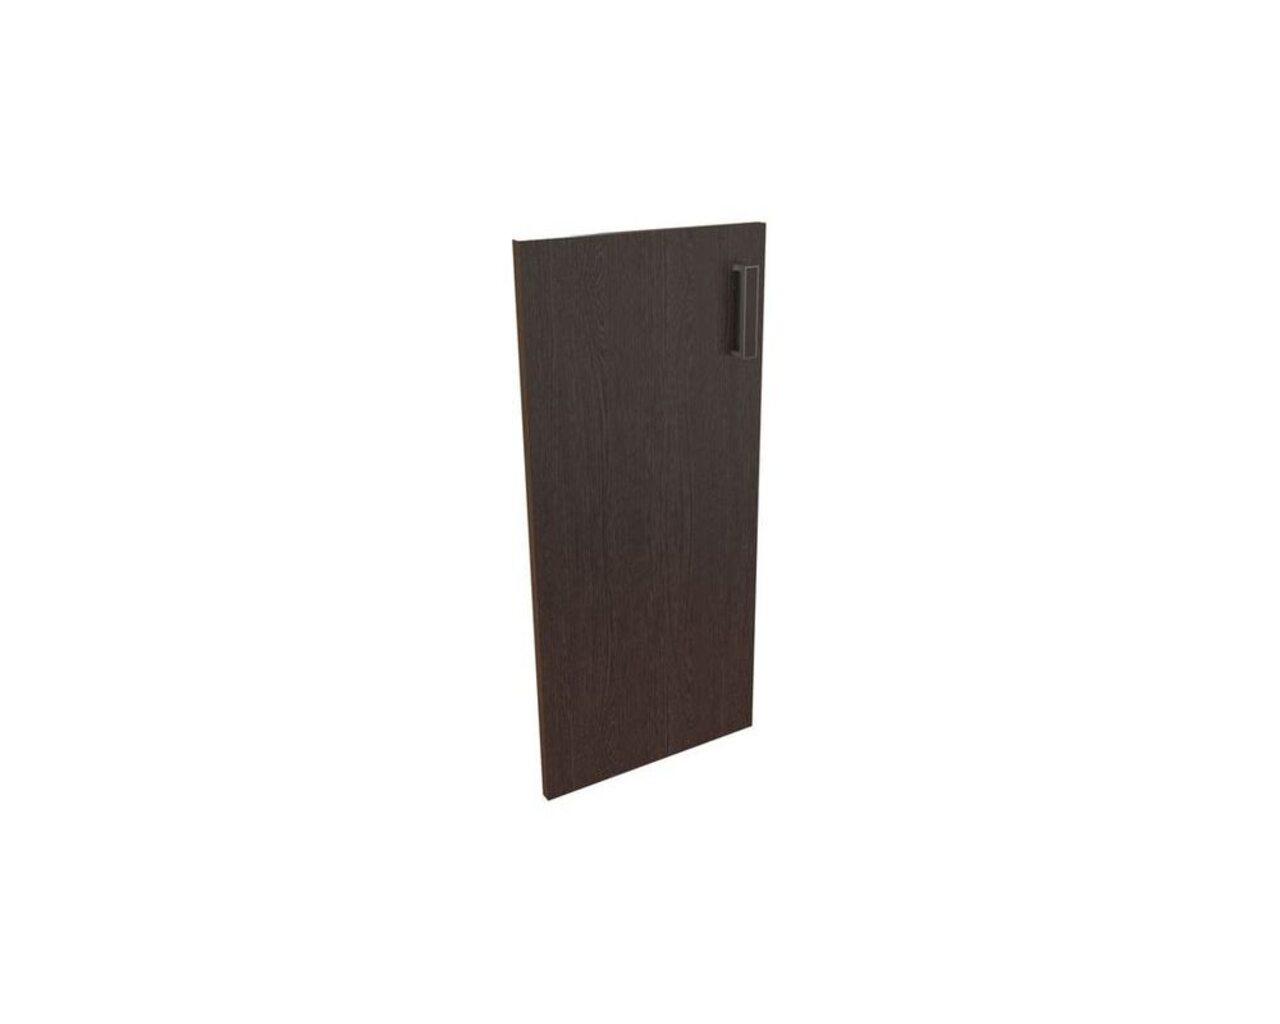 Дверь из ЛДСП к узкому стеллажу  Приоритет II 36x2x79 - фото 1